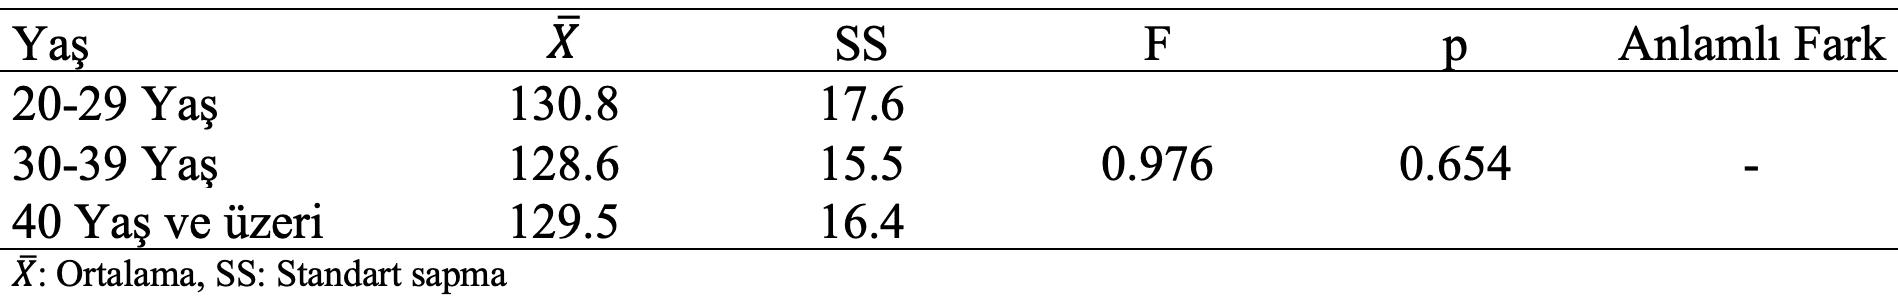 hemşirelik aktivite ölçeği yaş gruplarına karşılaştırma